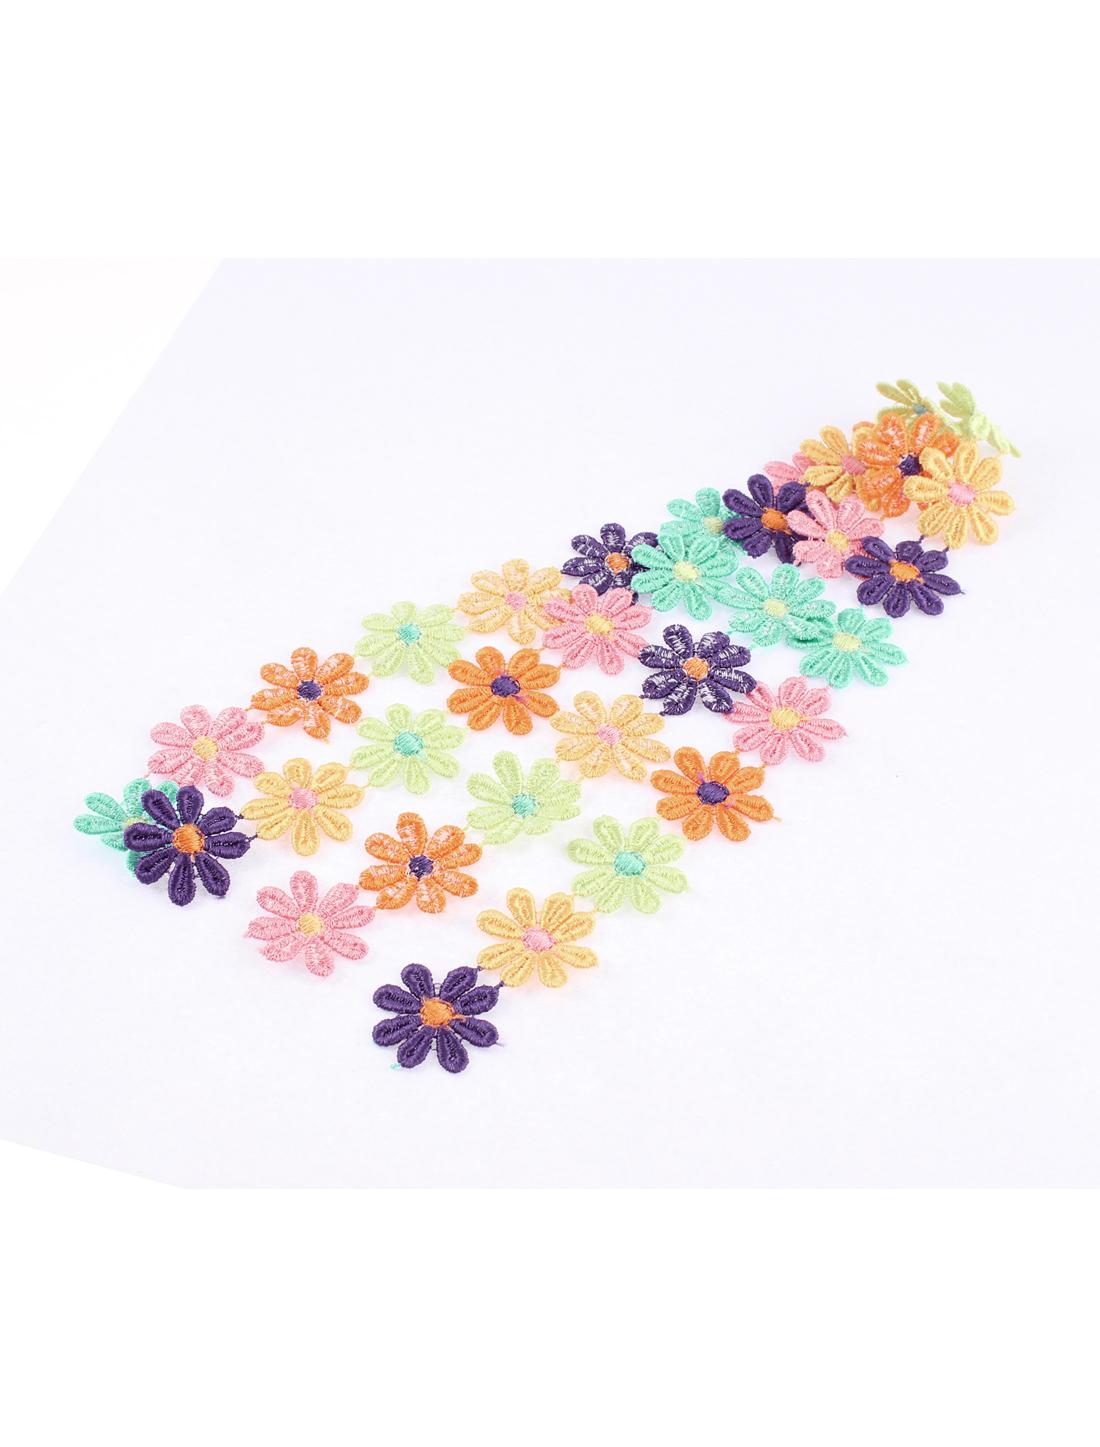 Polyester Plum Flower Lace Applique 2.5cm Width 1M Length